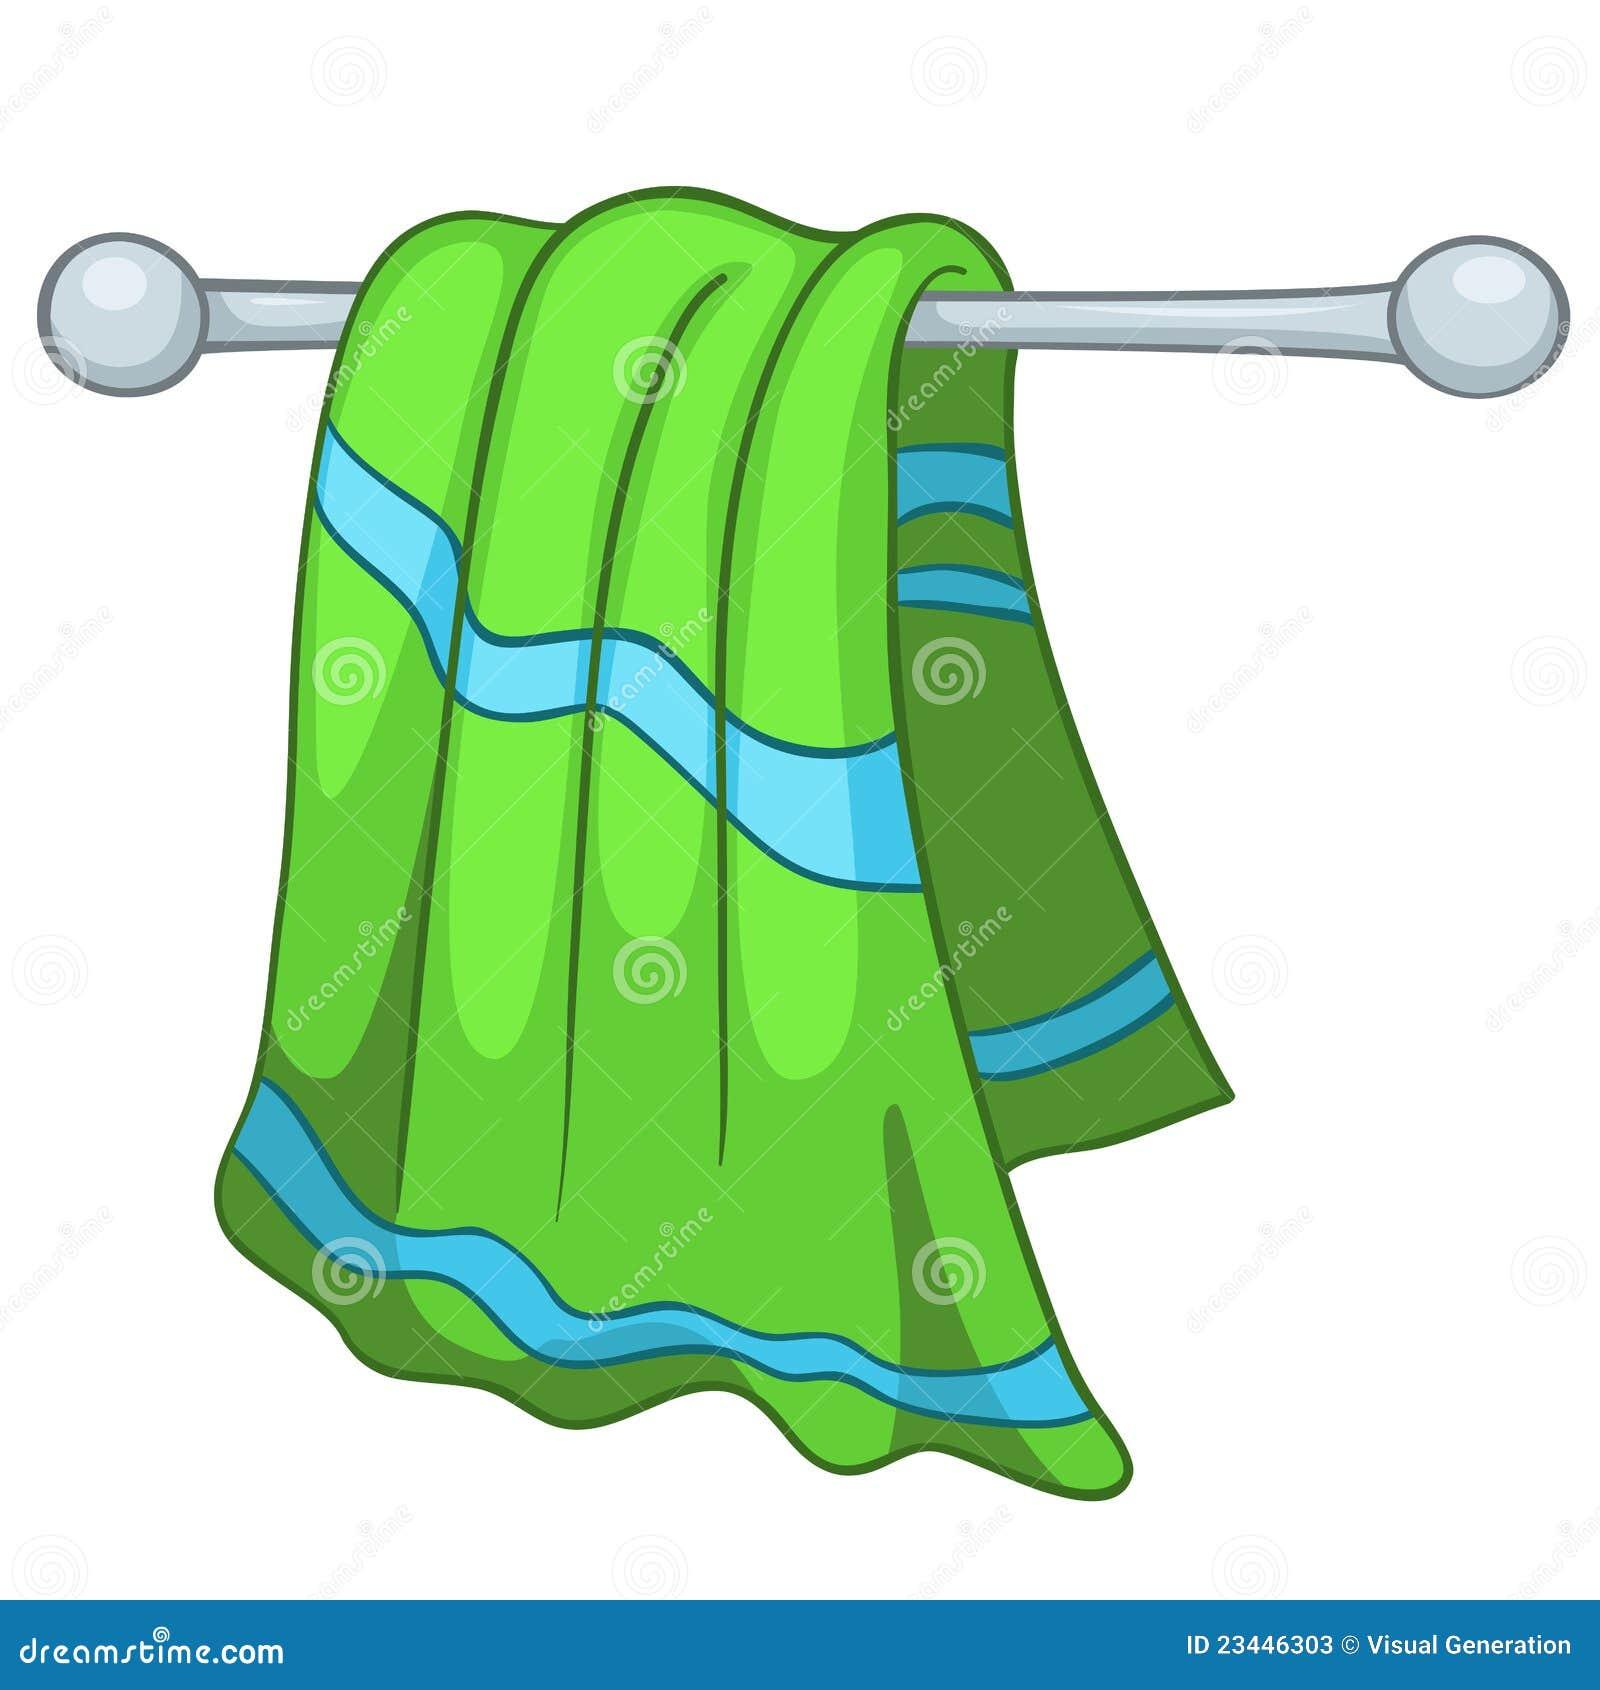 Cartoon Home Kitchen Towel Stock Photos - Image: 23446303